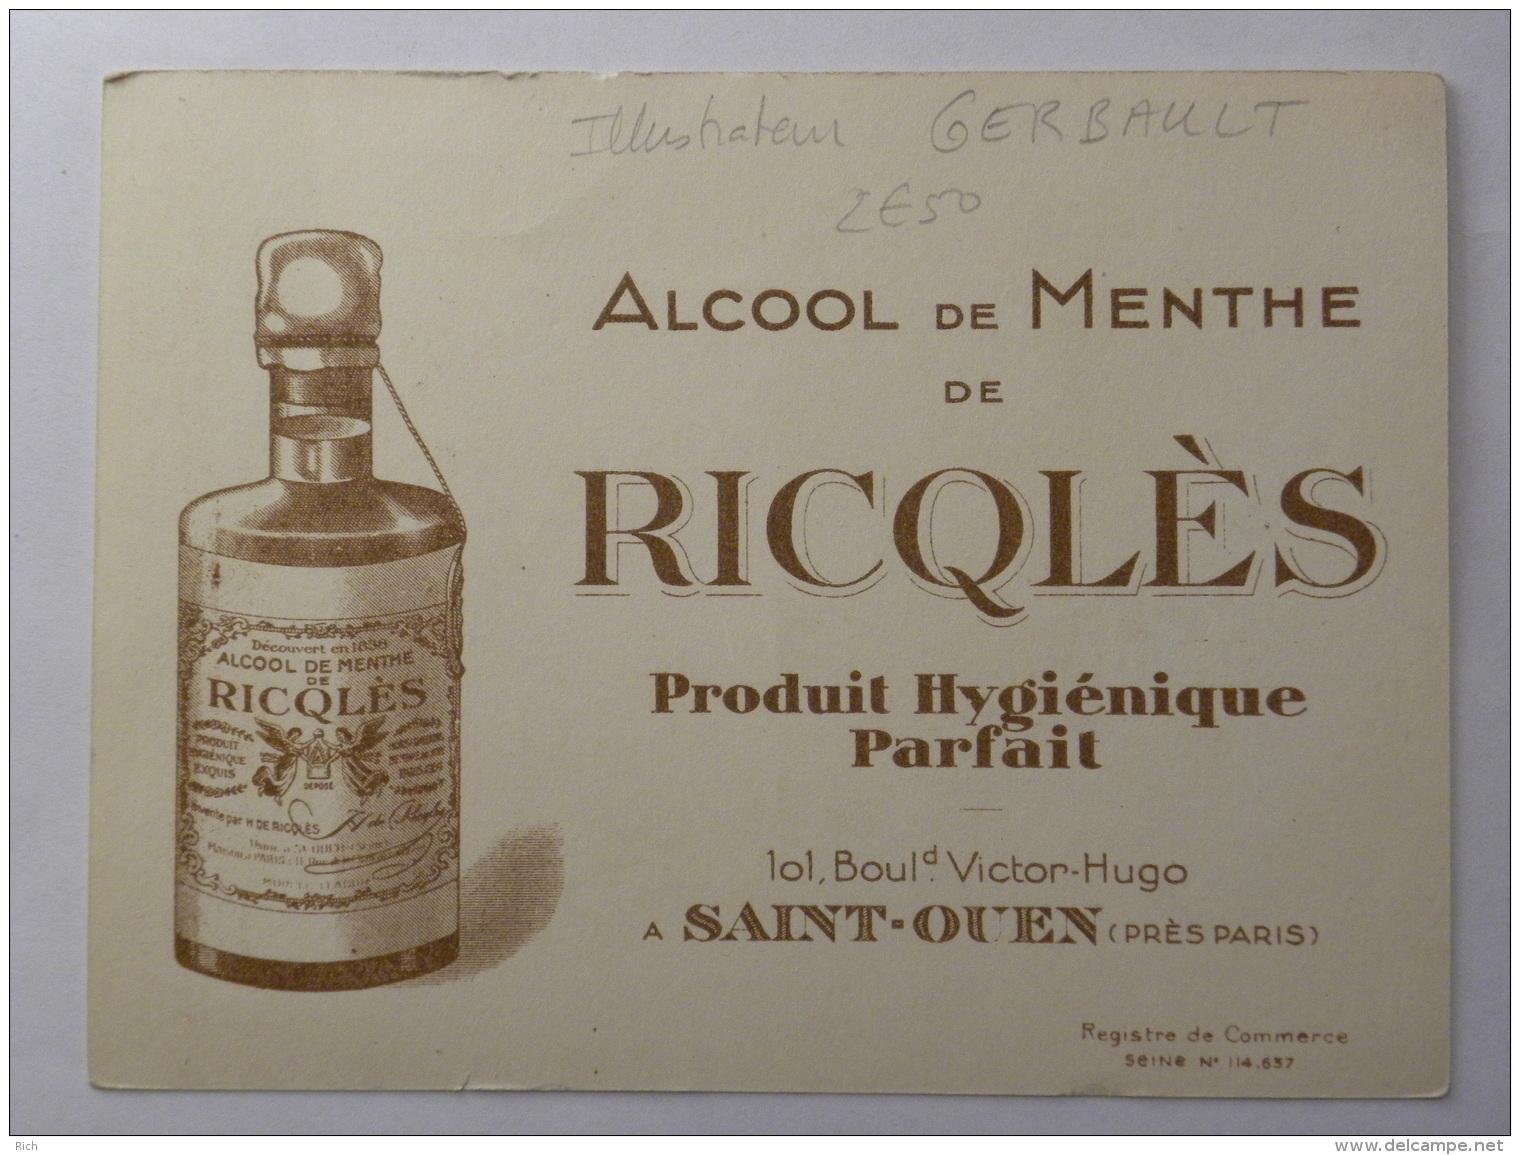 Chromo Ricqlès - Illustrateur Gerbault - Alcool De Menthe - Papa, Les P'tits Bâteaux - Chromos